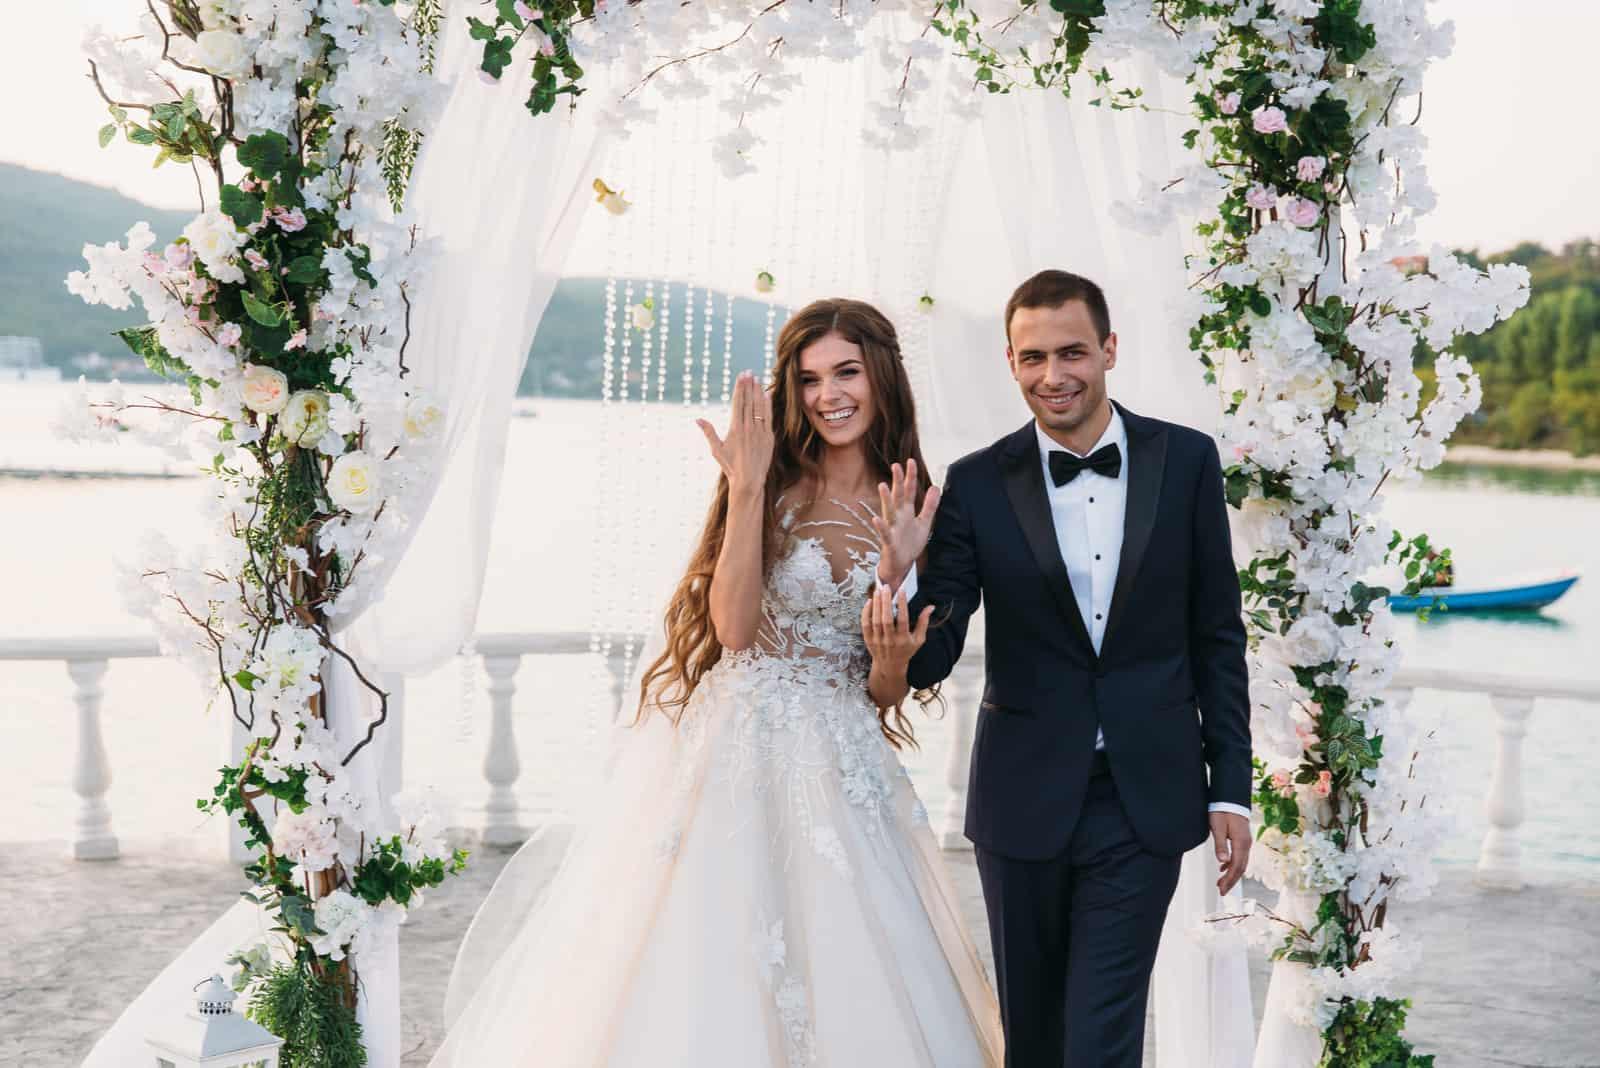 Bräutigam und Braut bei der Hochzeitstagzeremonie mit Bogen auf Hintergrund